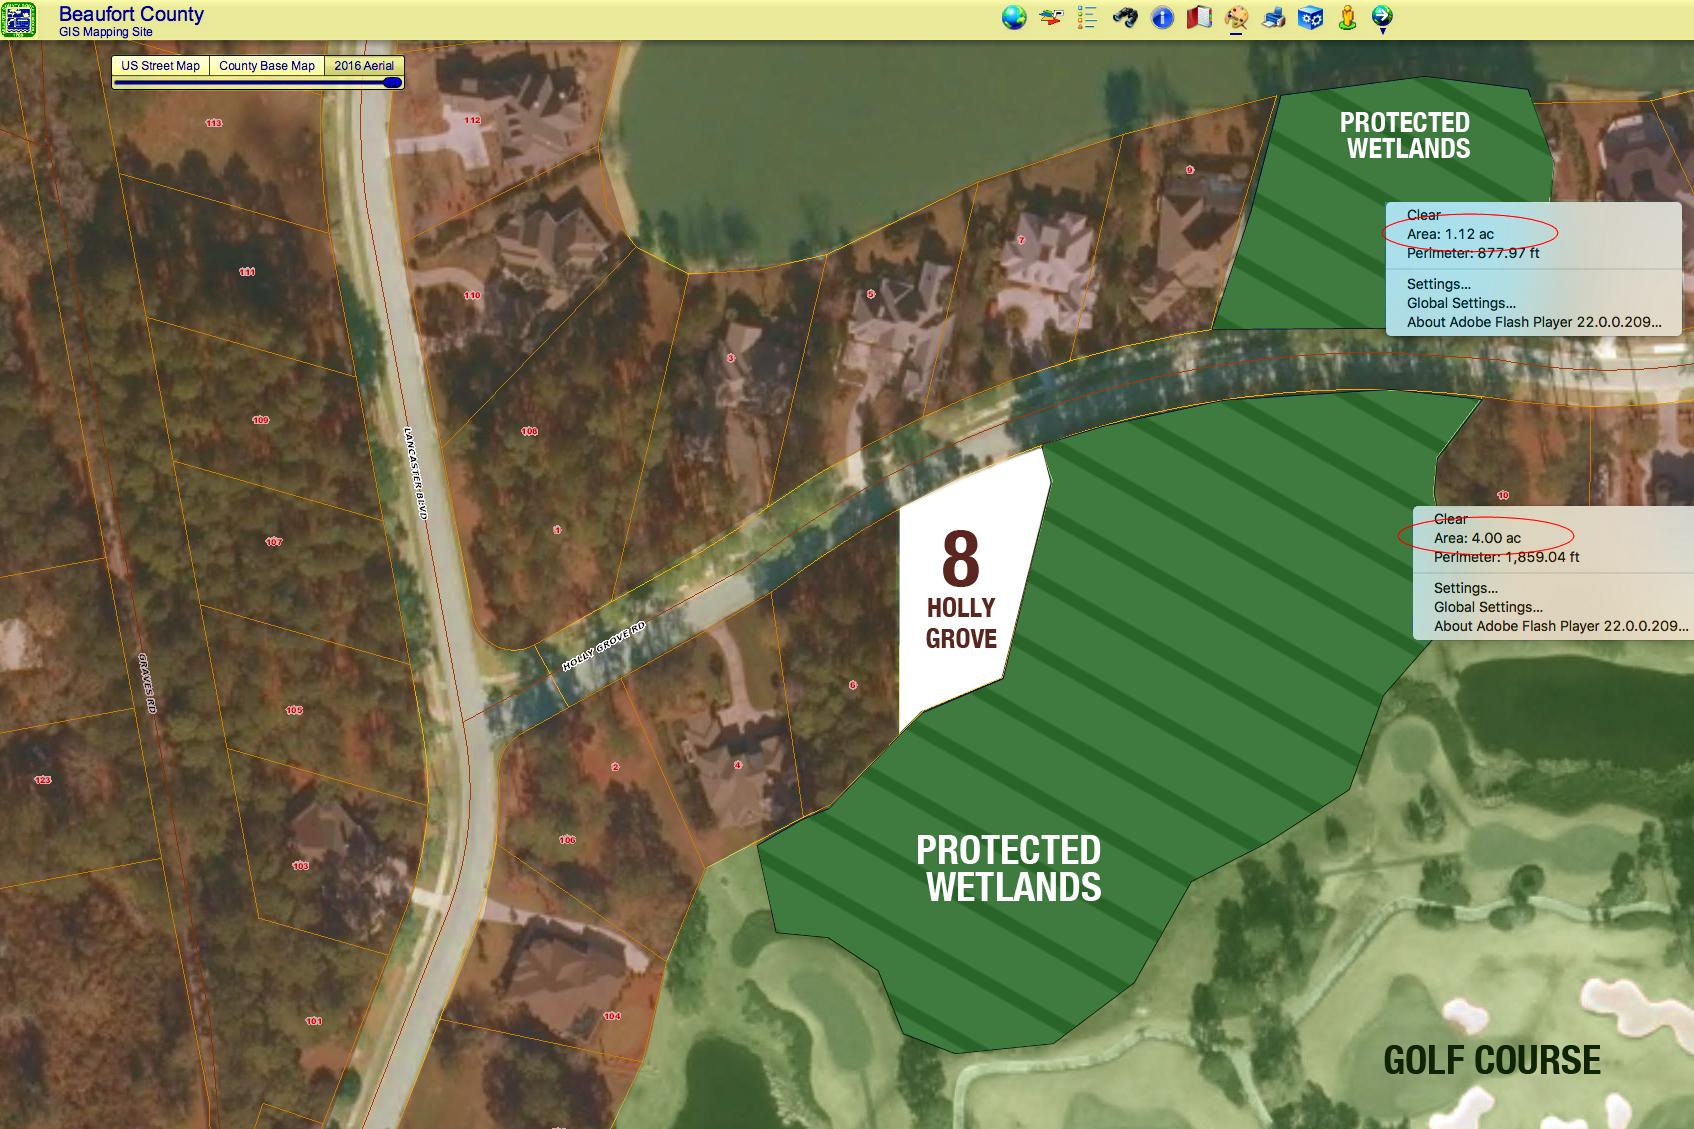 8hg-wetlands-aerial.jpg